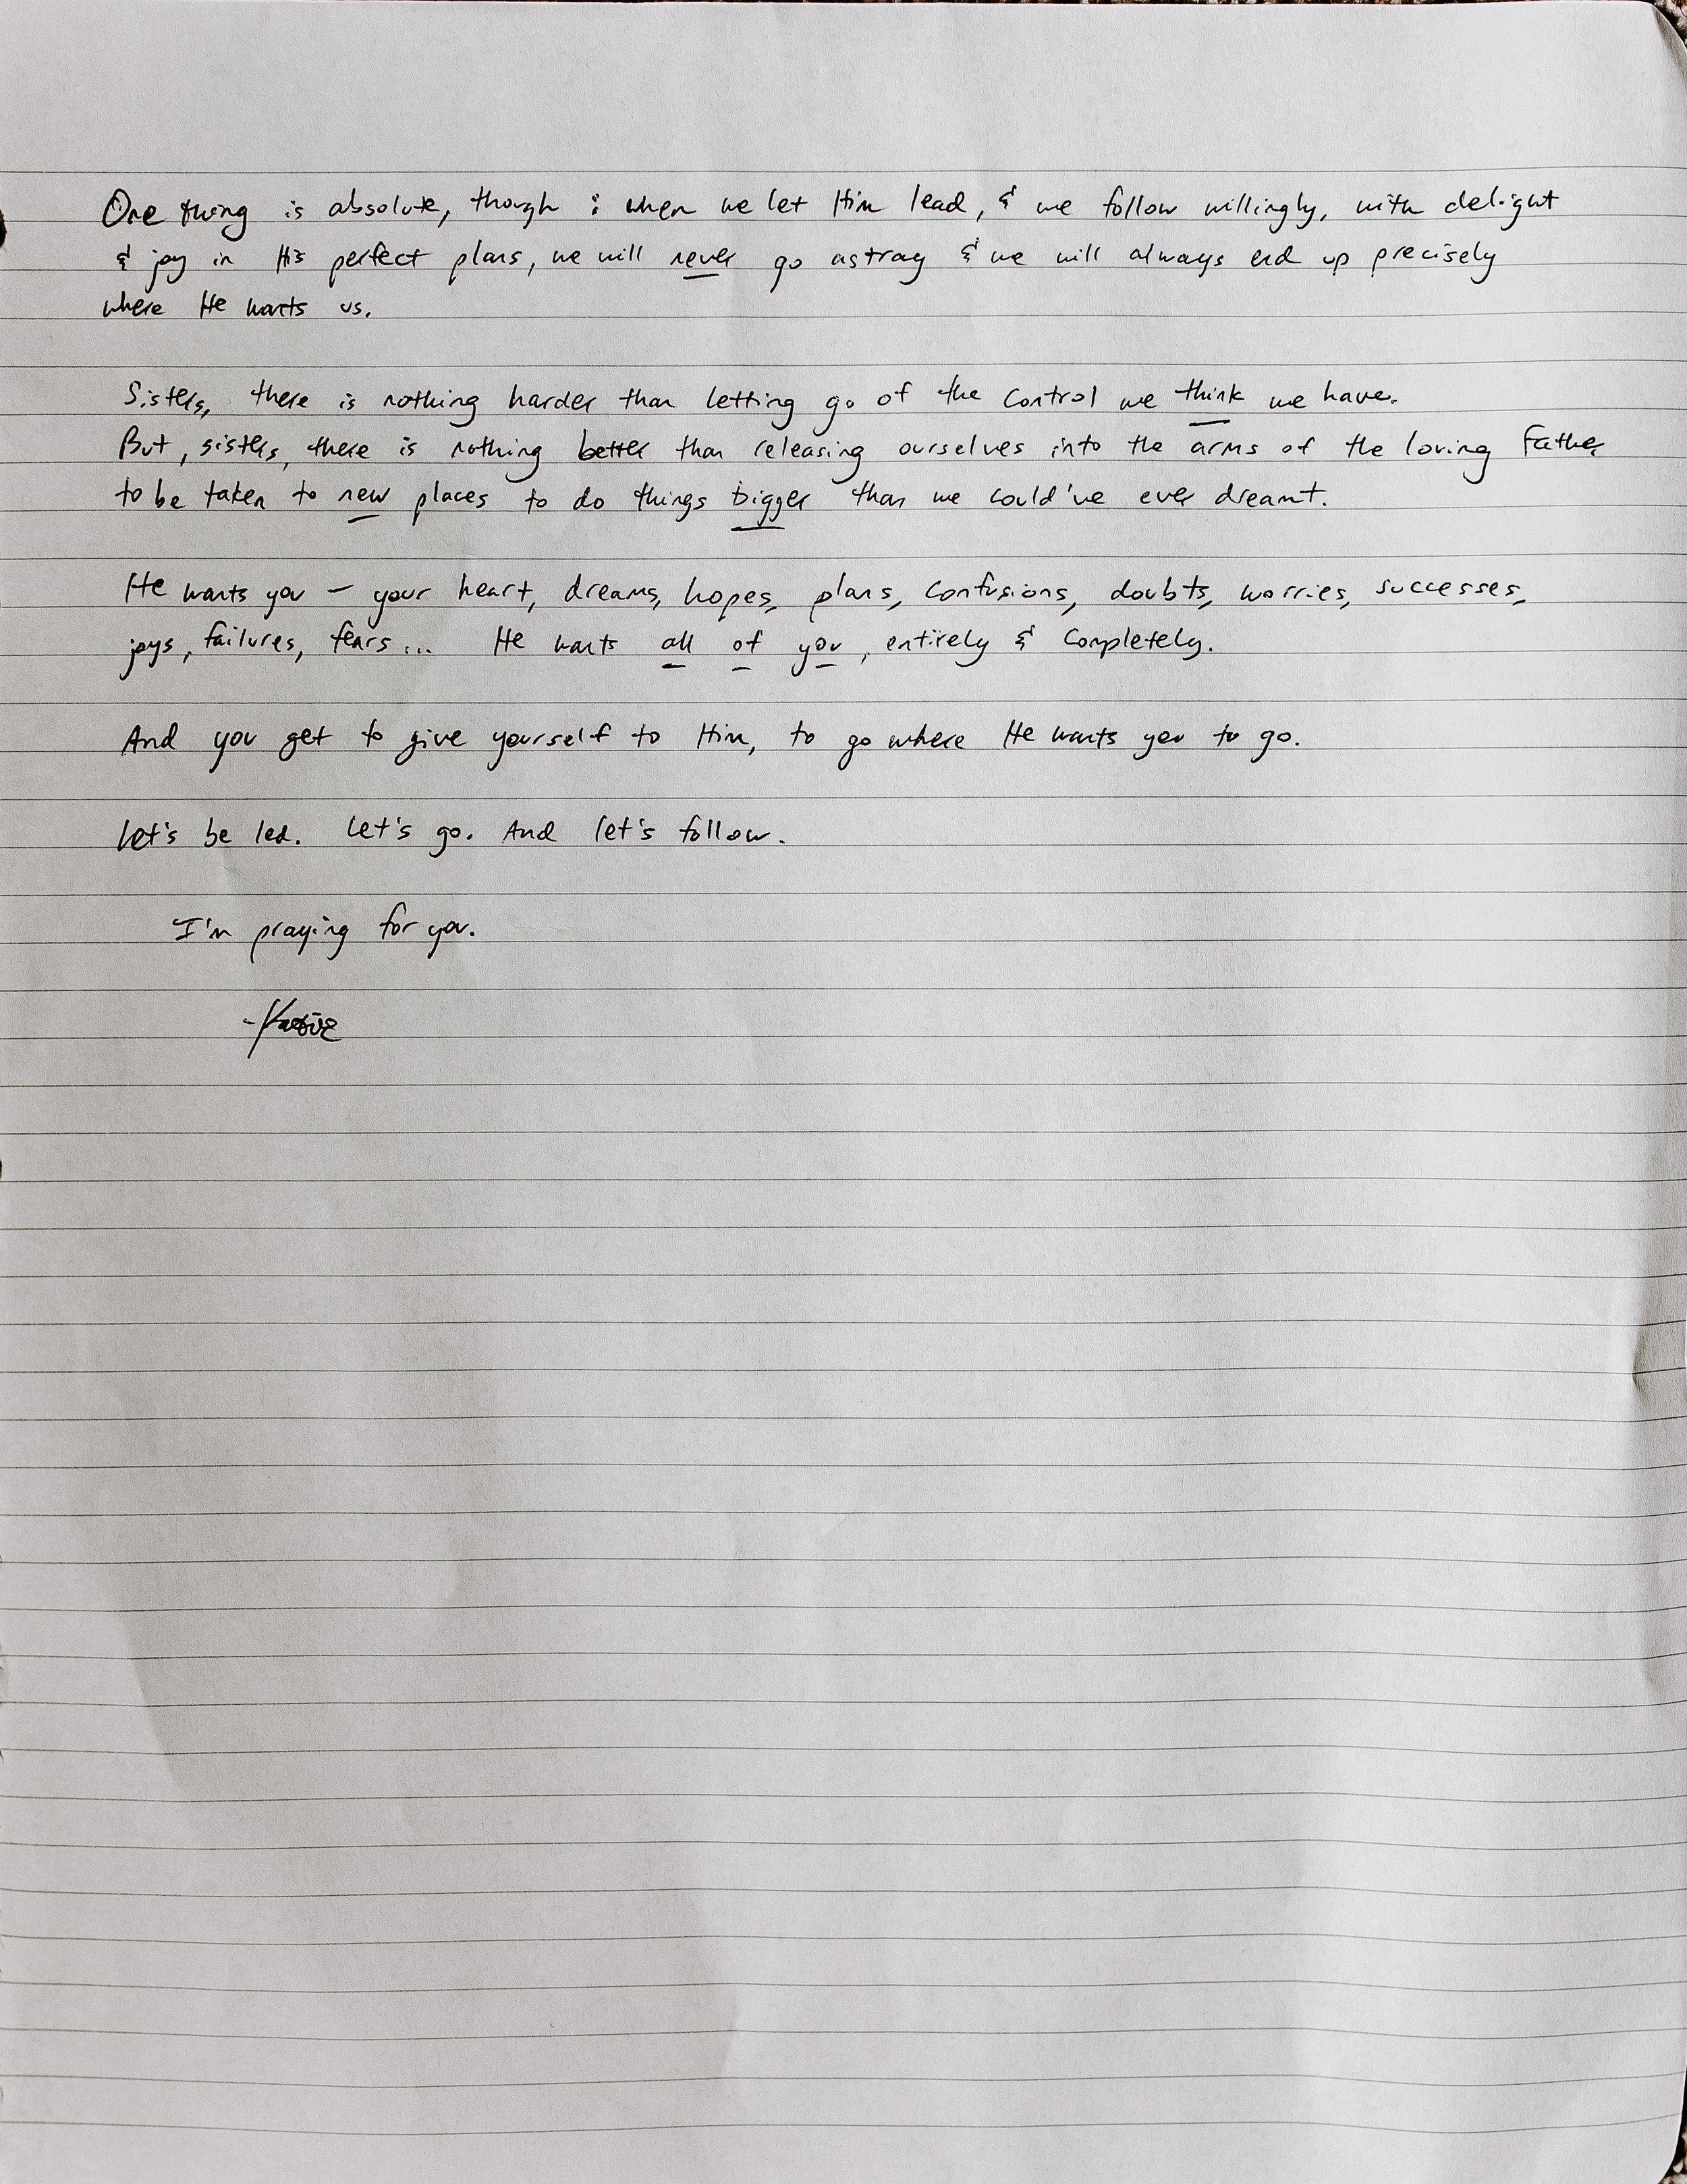 letters-to-women-3.jpg